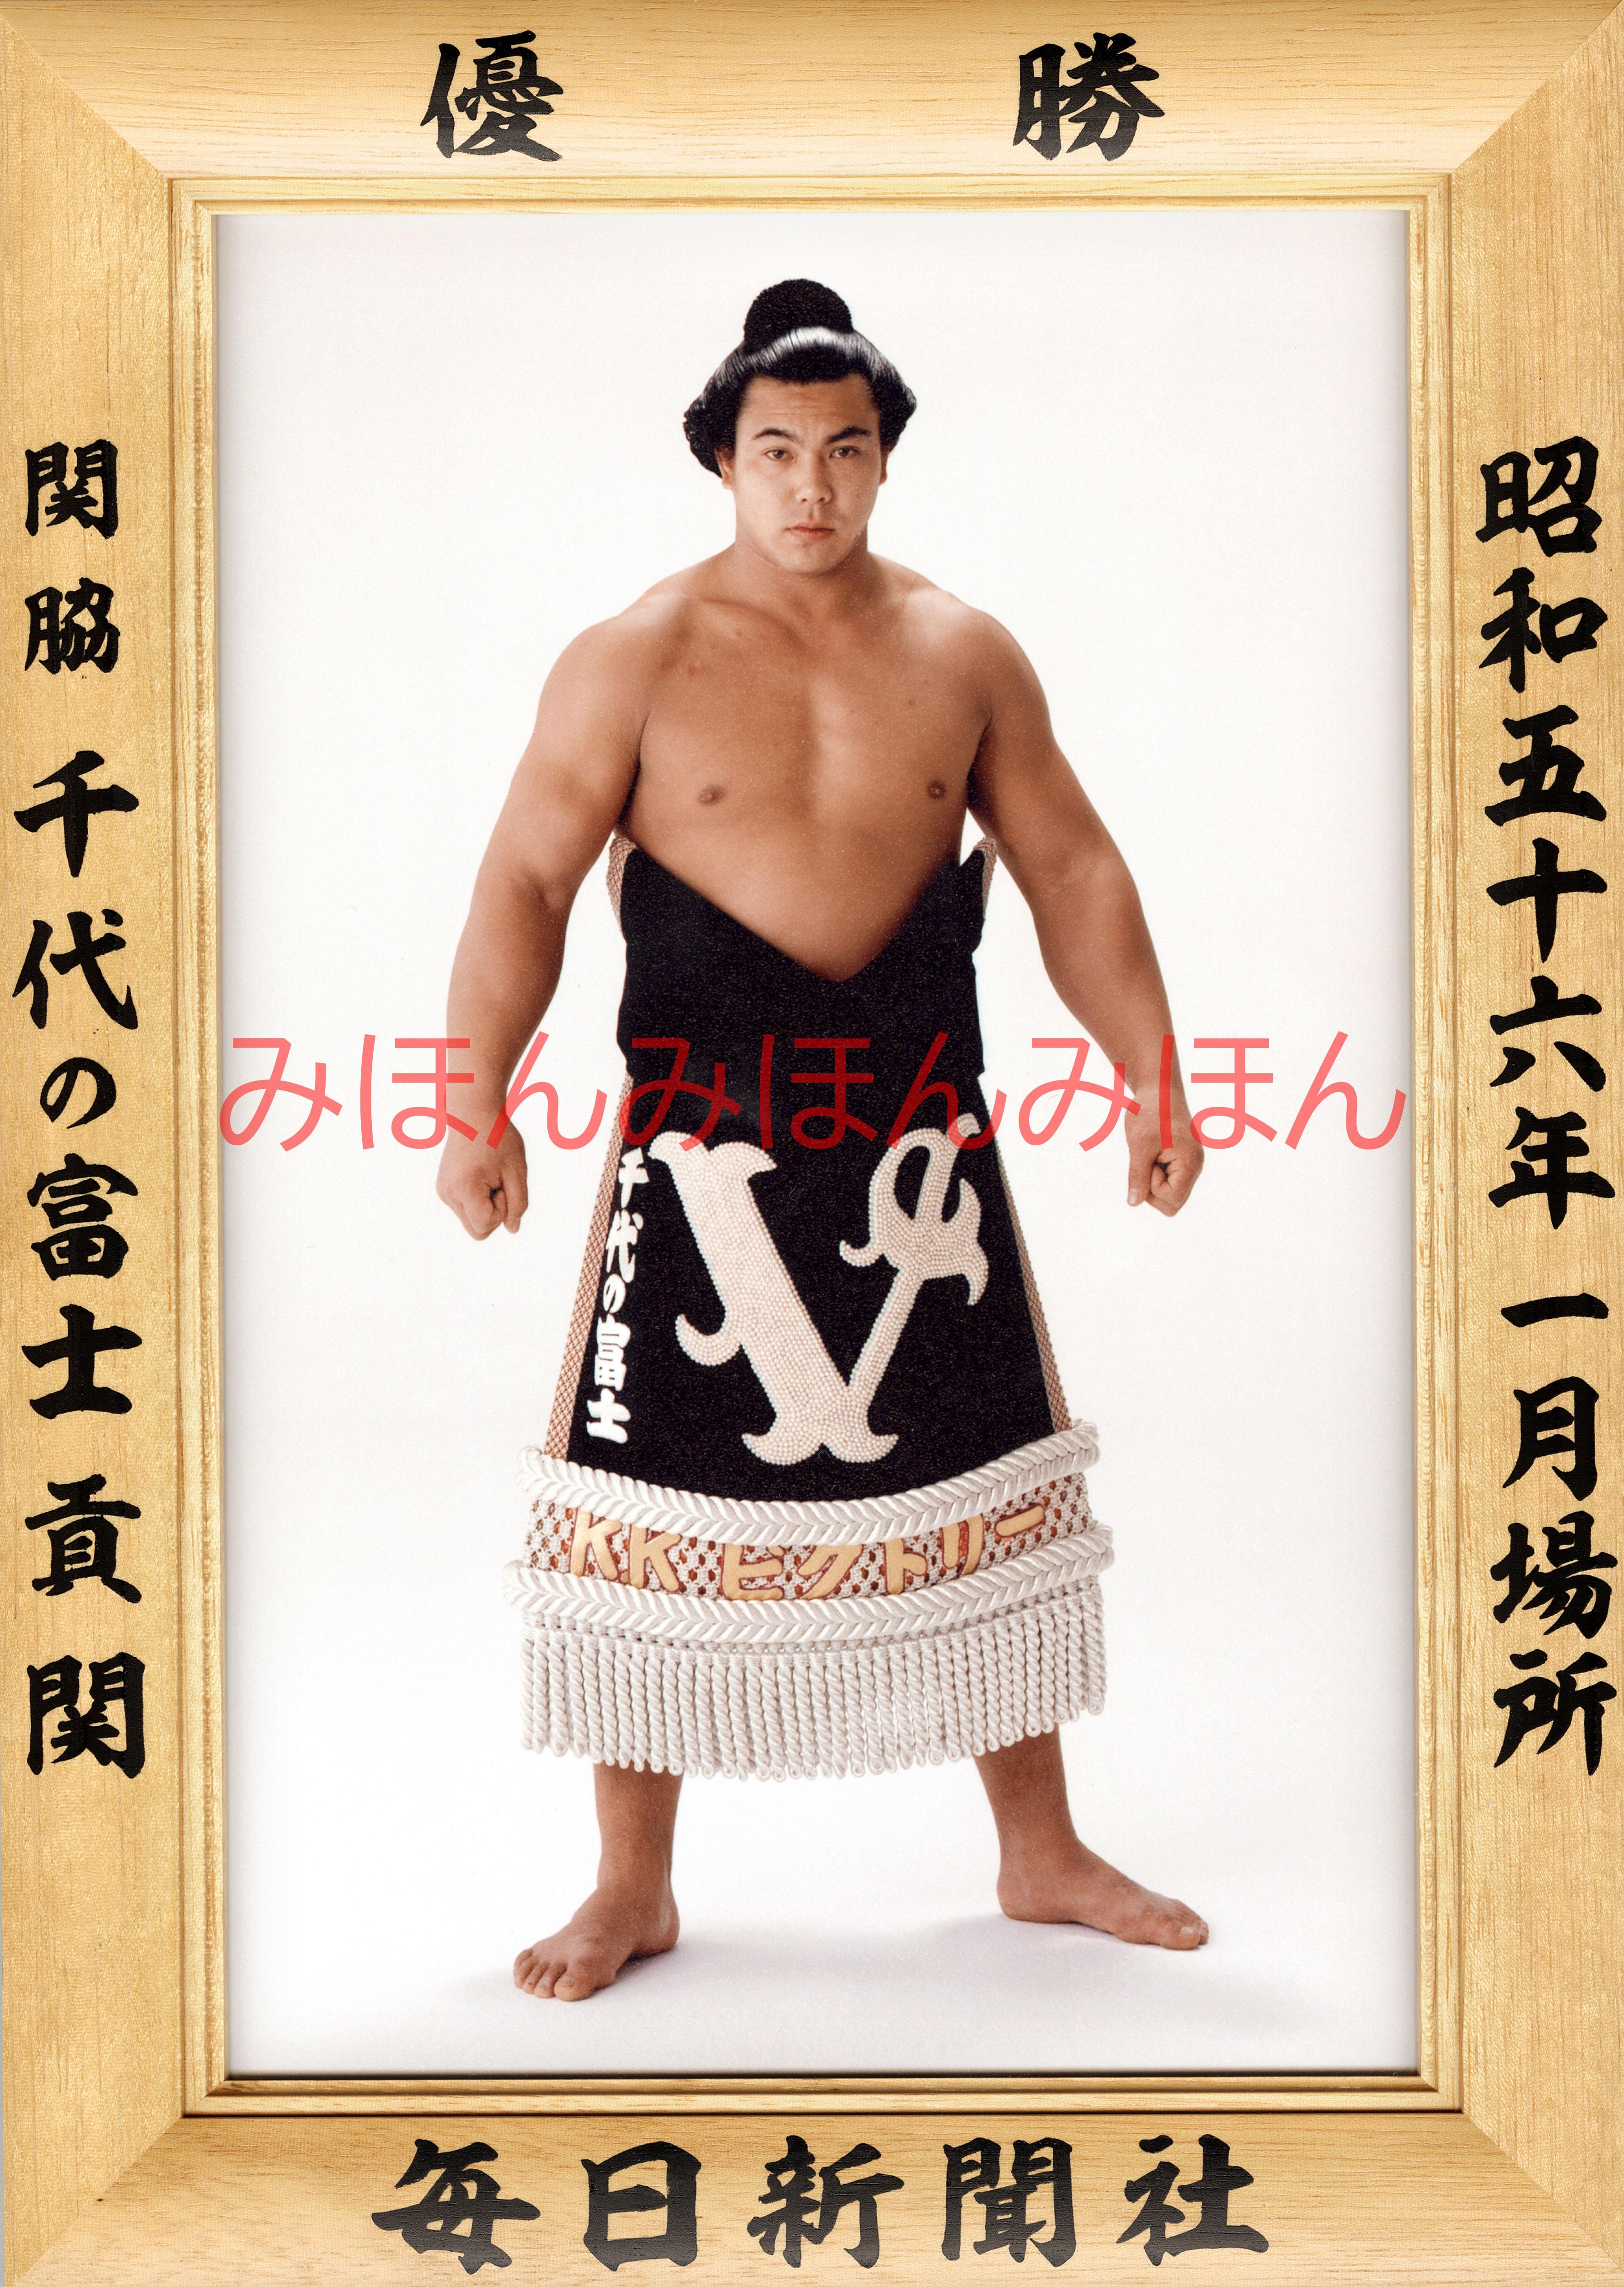 昭和56年1月場所優勝 関脇 千代の富士貢関(初優勝)